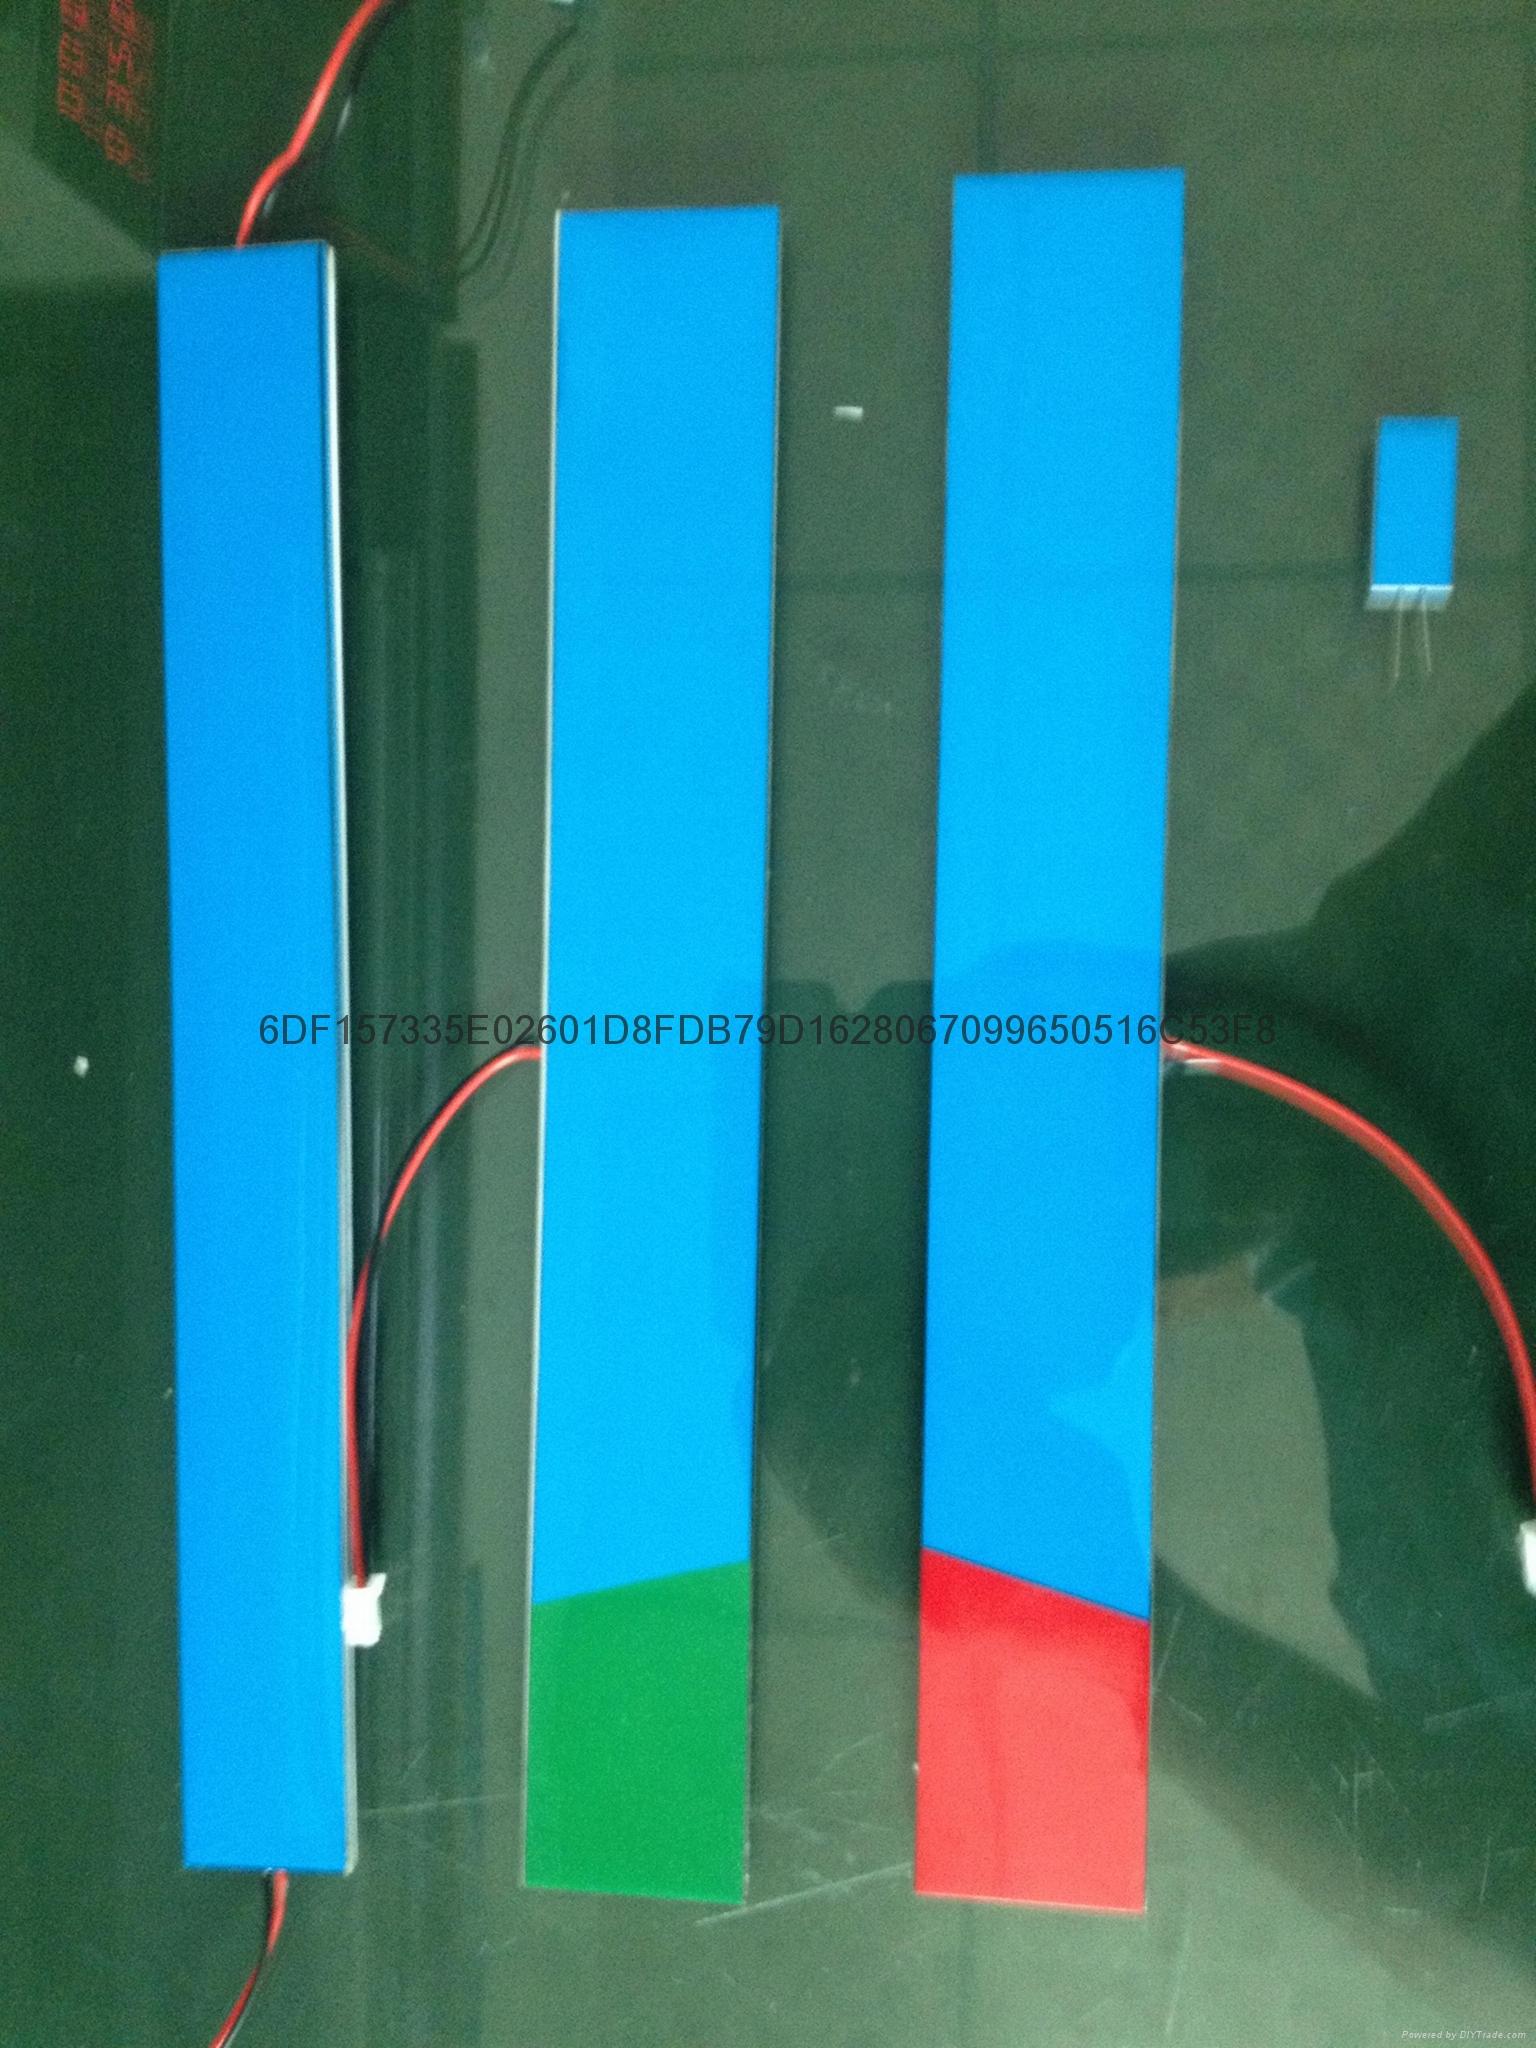 廣州思進背光廠家批發LCD背光源LED白色背光源電器控制器背光源 2